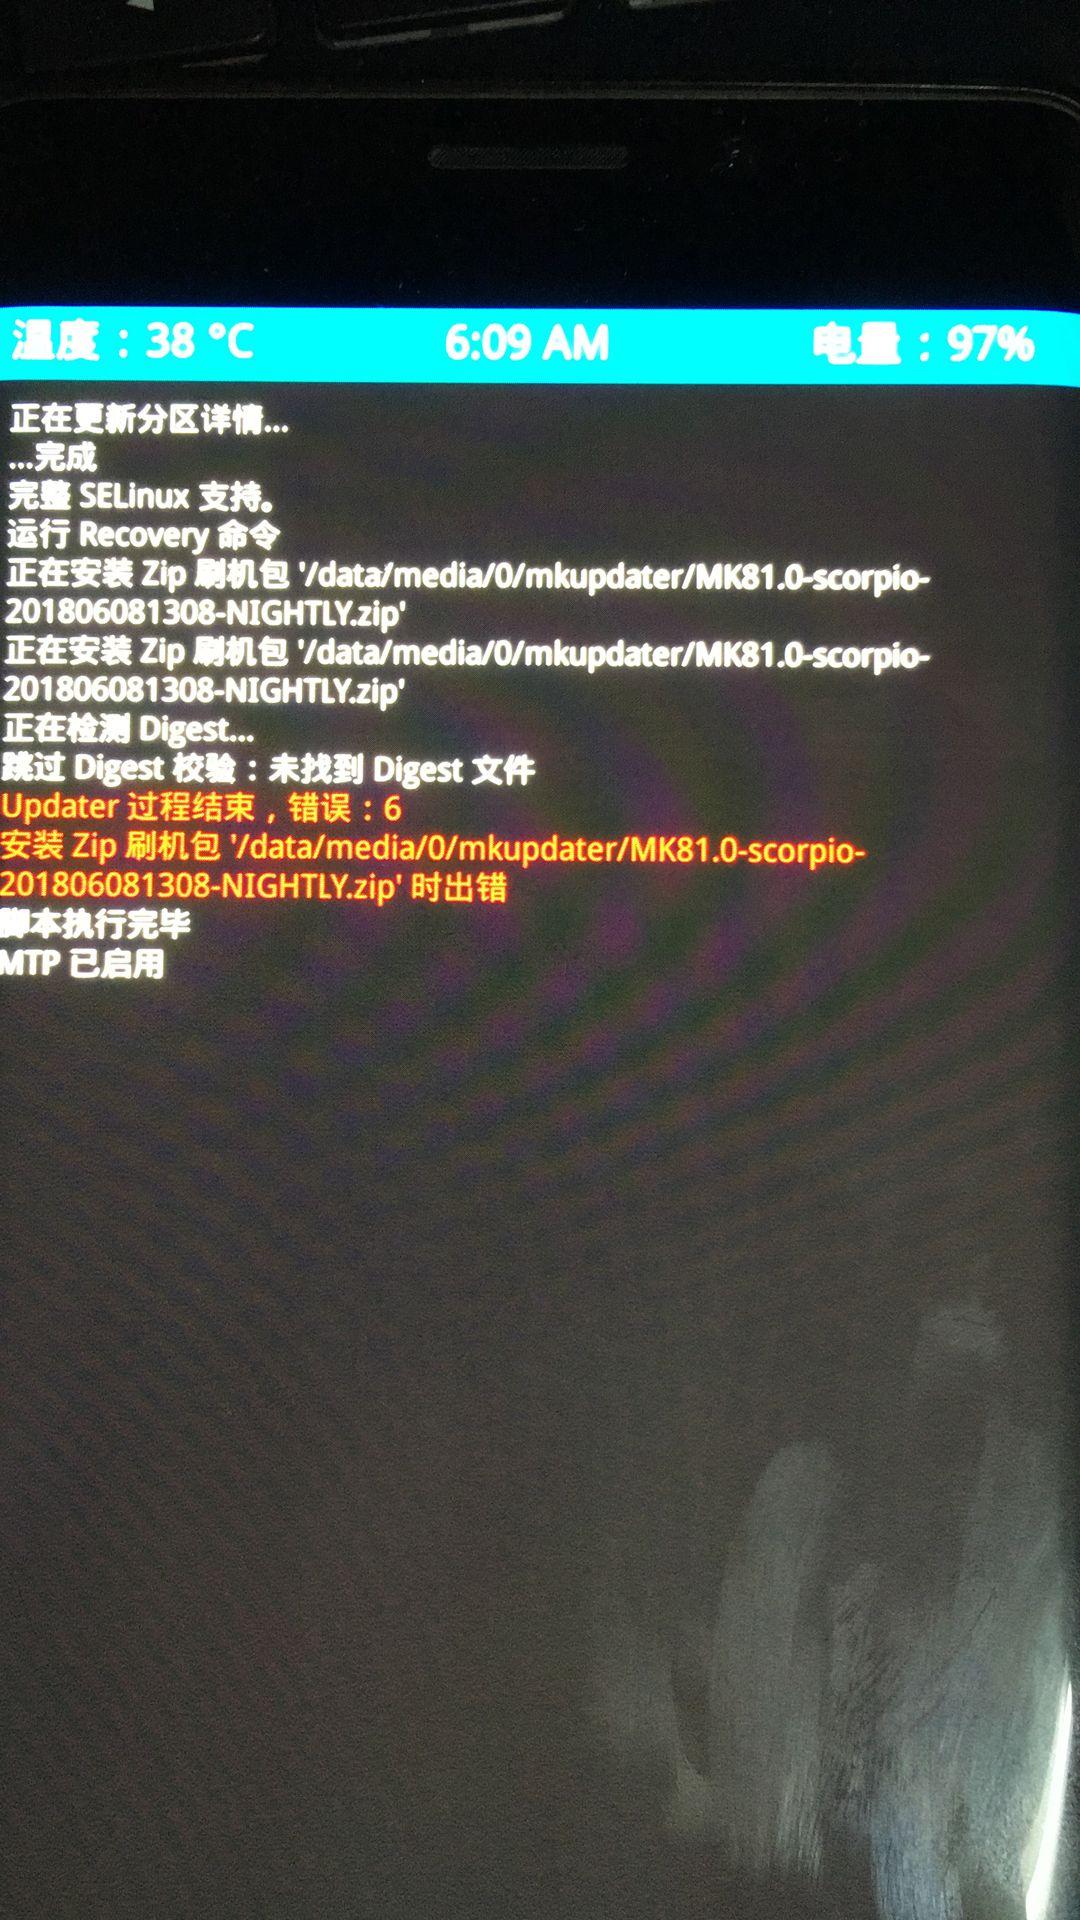 小米Note2魔趣8 1连续四个夜版刷机错误6 - Bug Reports 问题报告